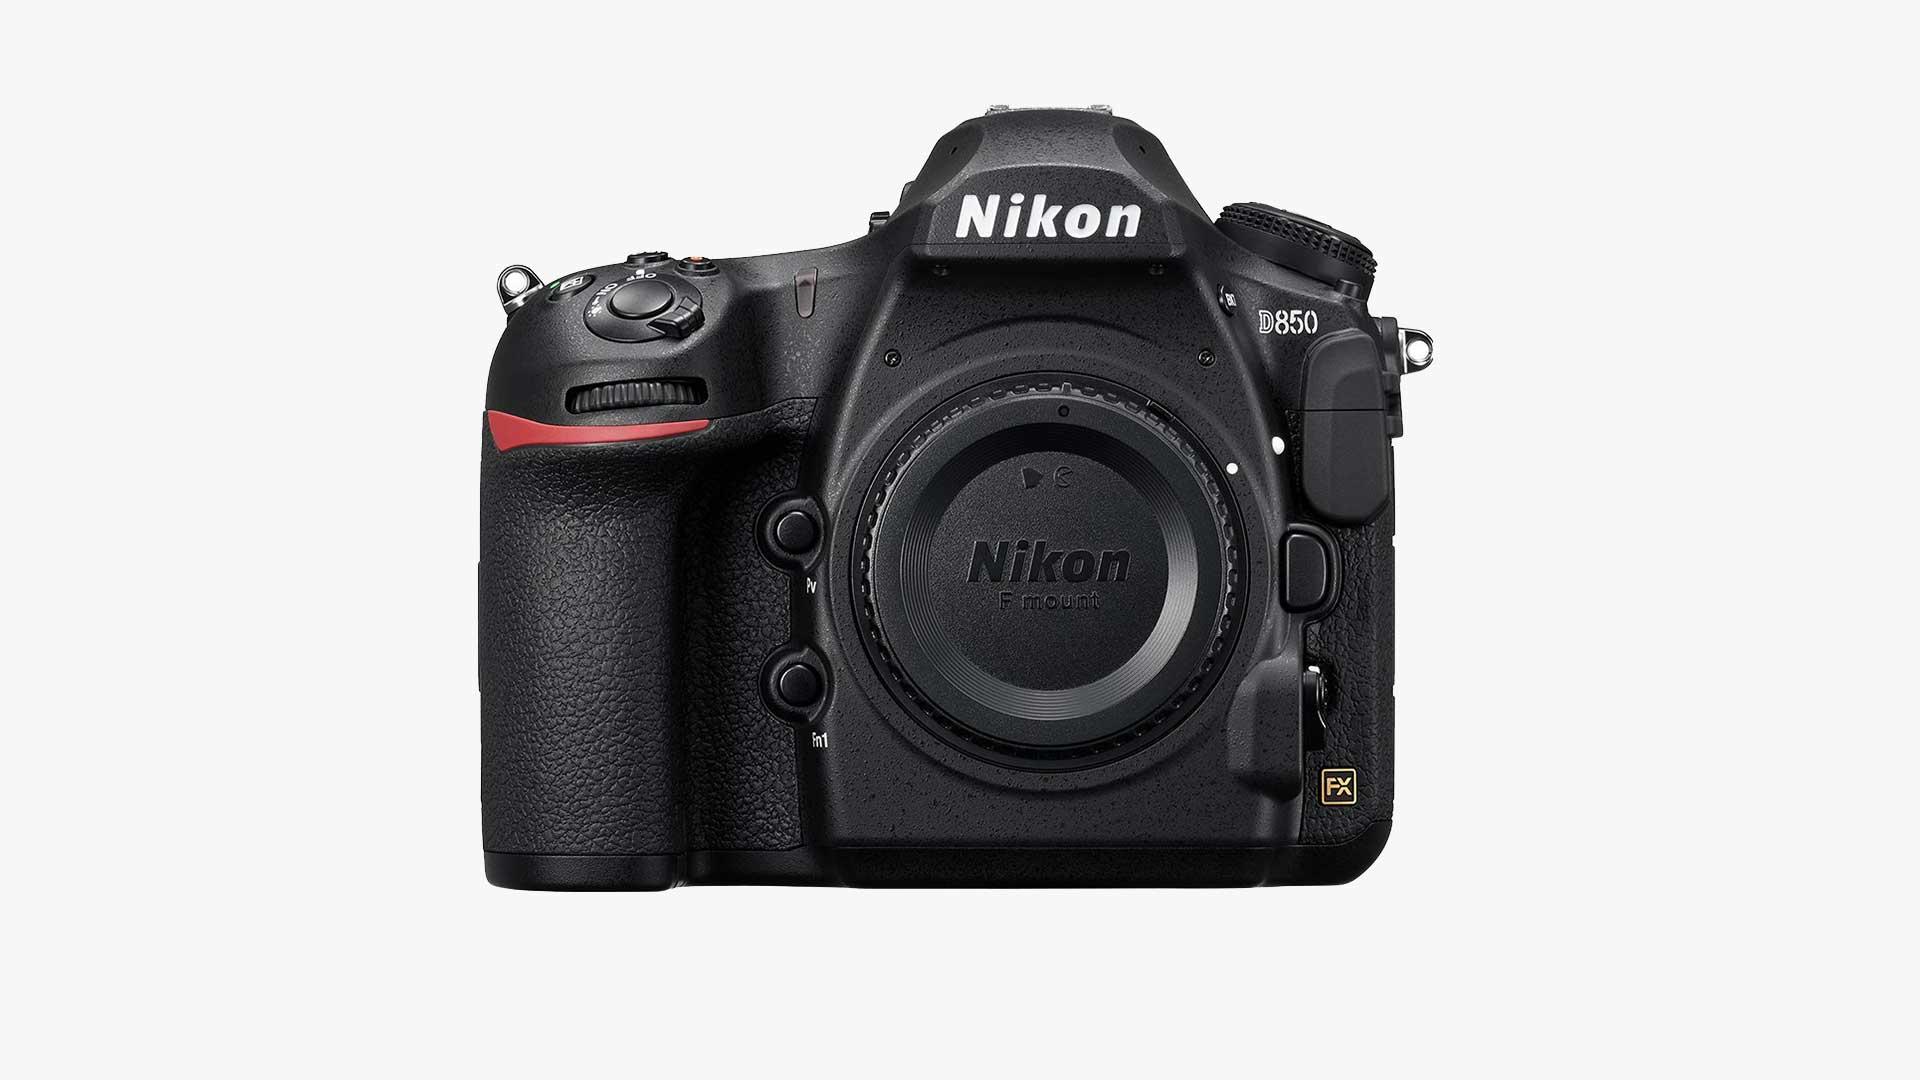 Nikon D850 DSLR Camera